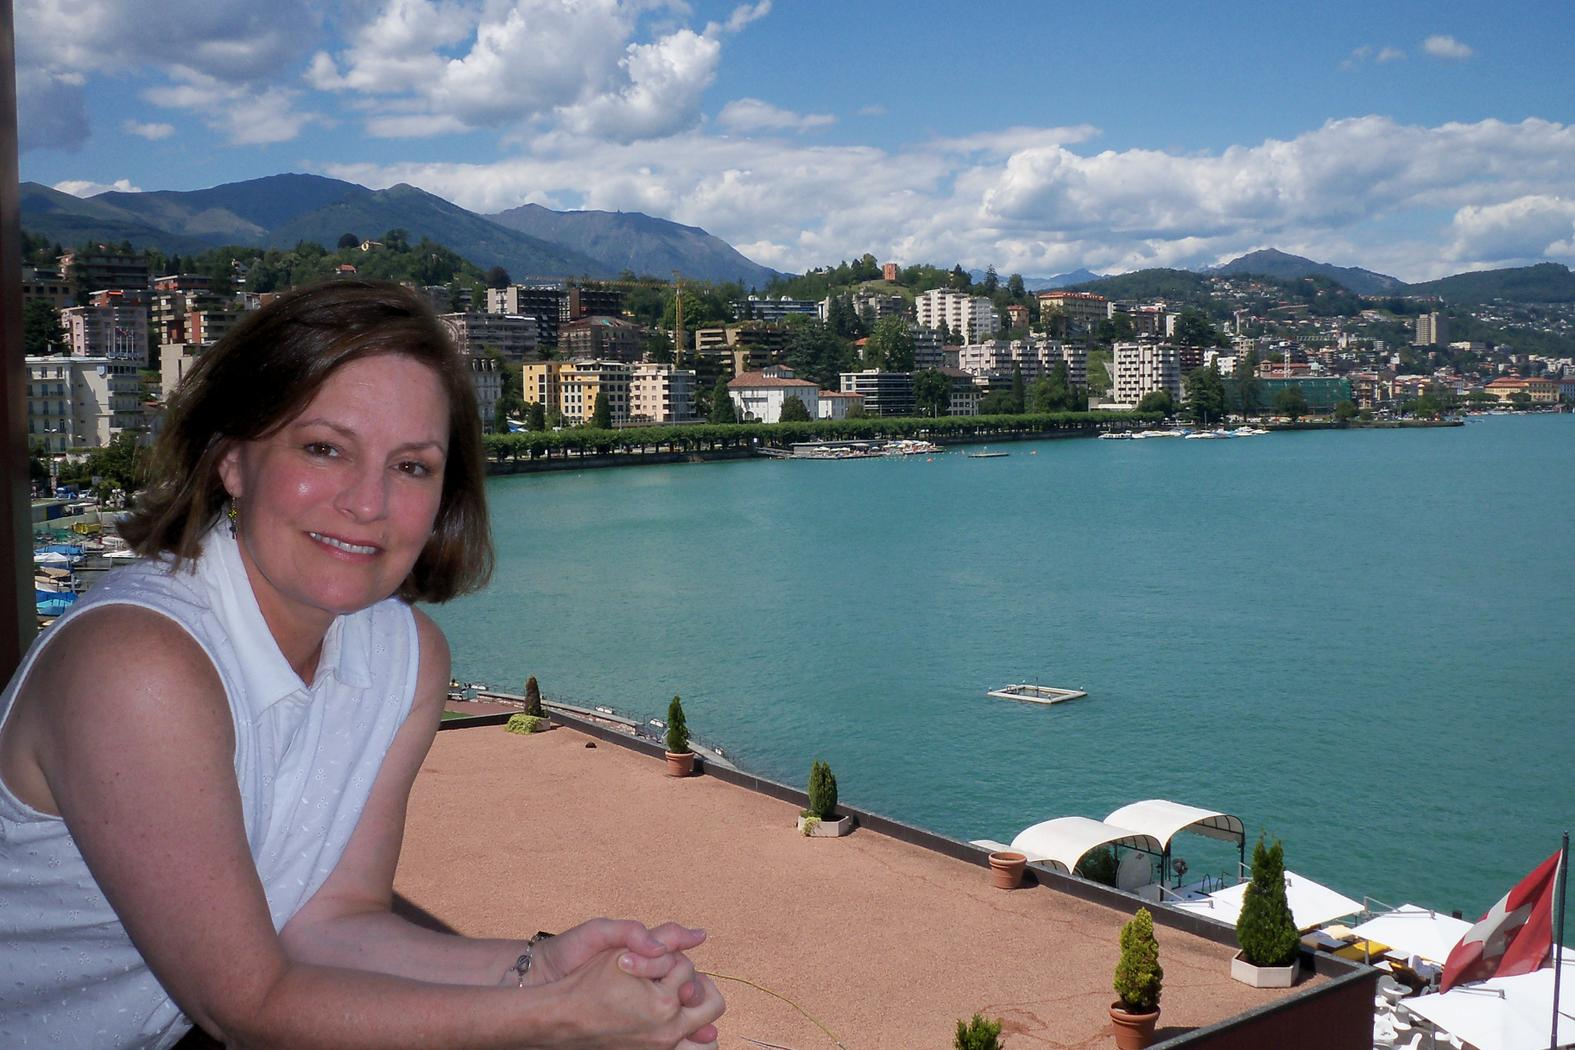 Debbie Fucoloro, Ph.D.